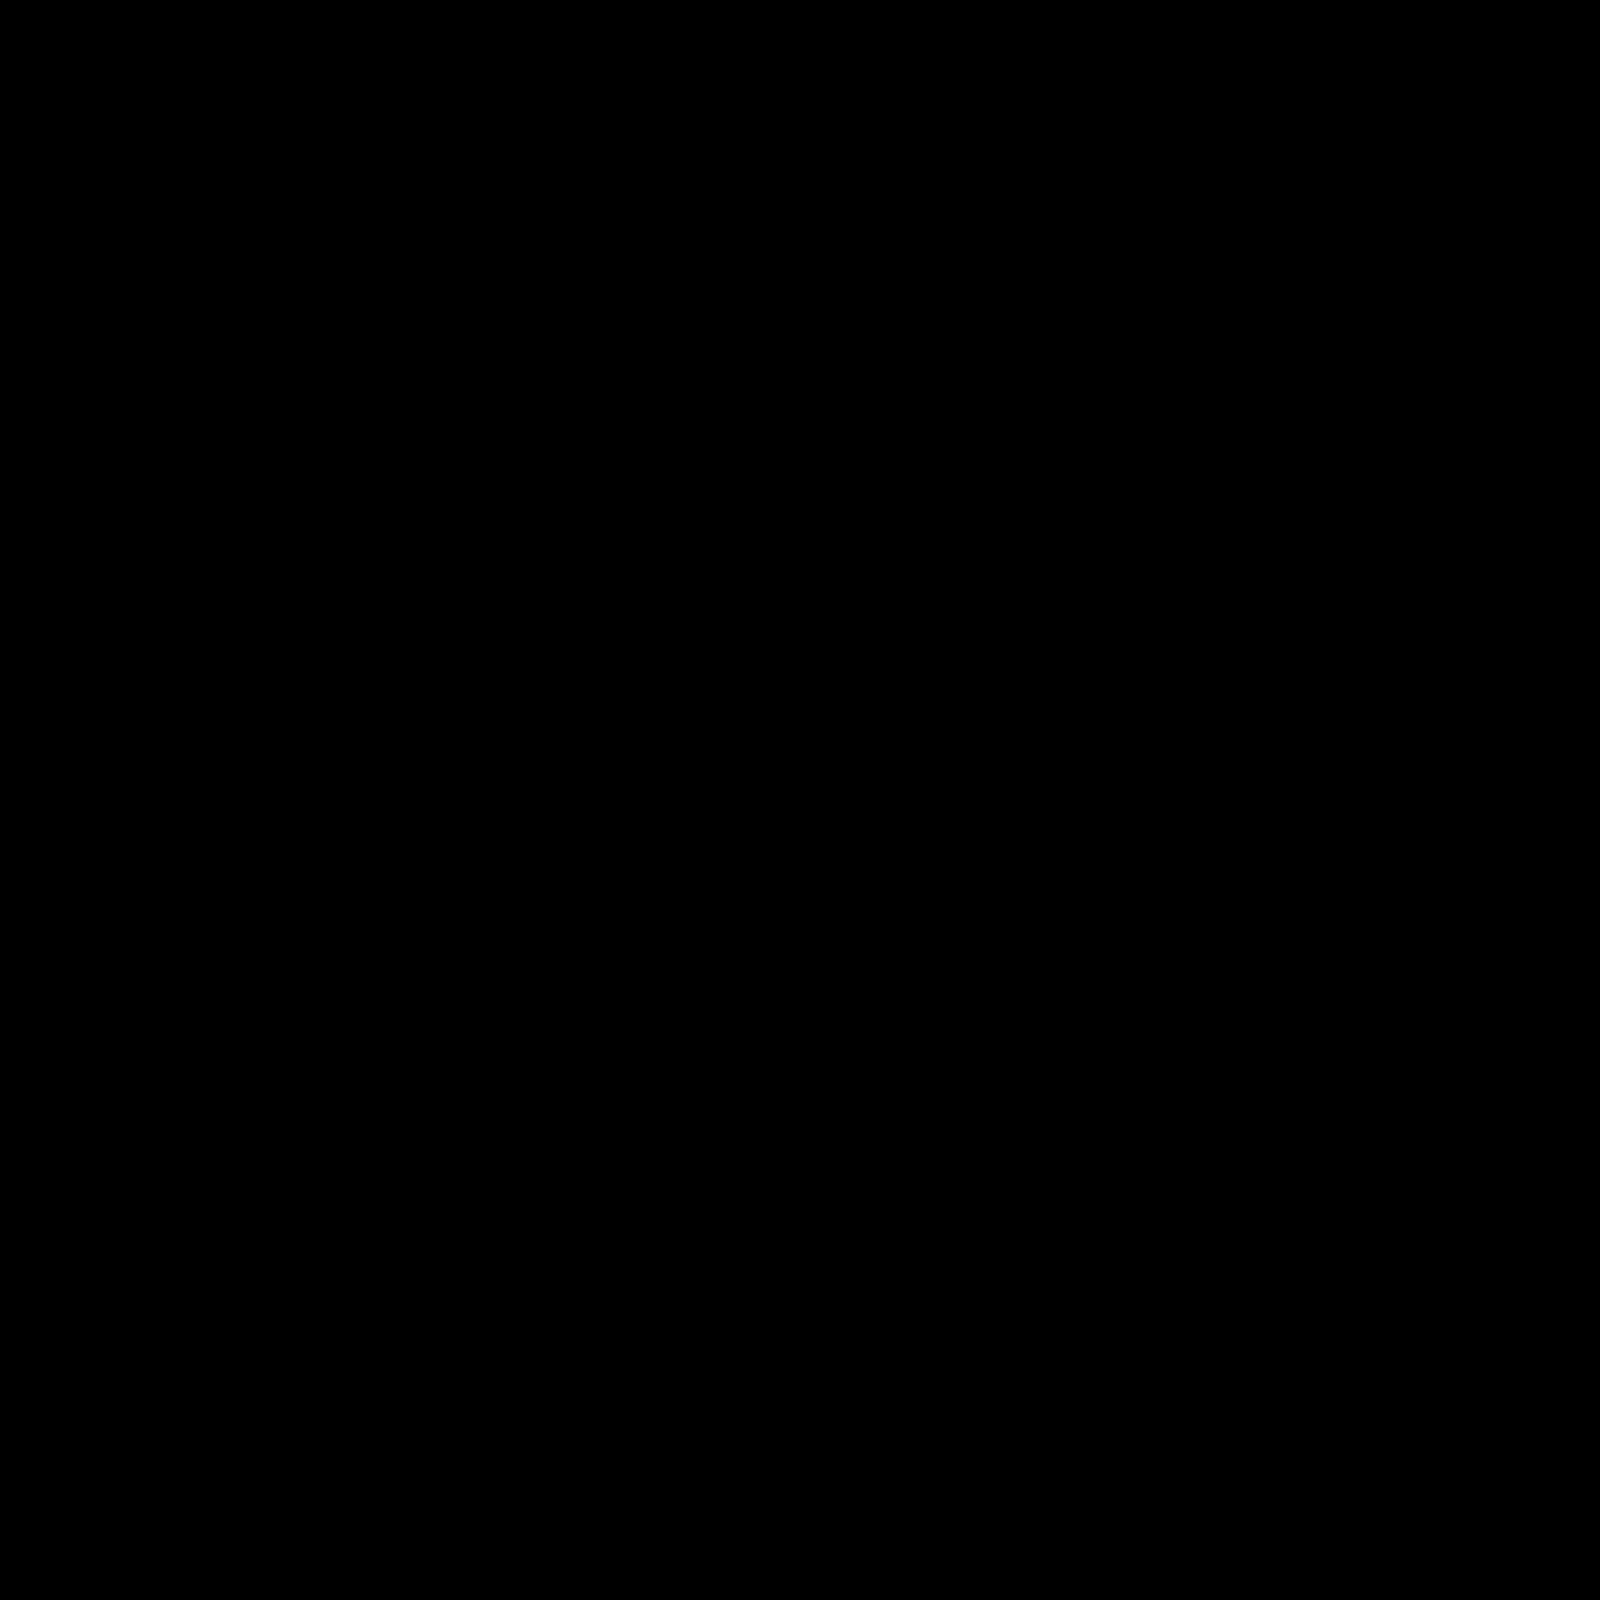 足球 icon. Shows a silhouette of a man on with one leg raised getting ready ot kick a ball.The ball is at the left as his right foot is preparing to kick